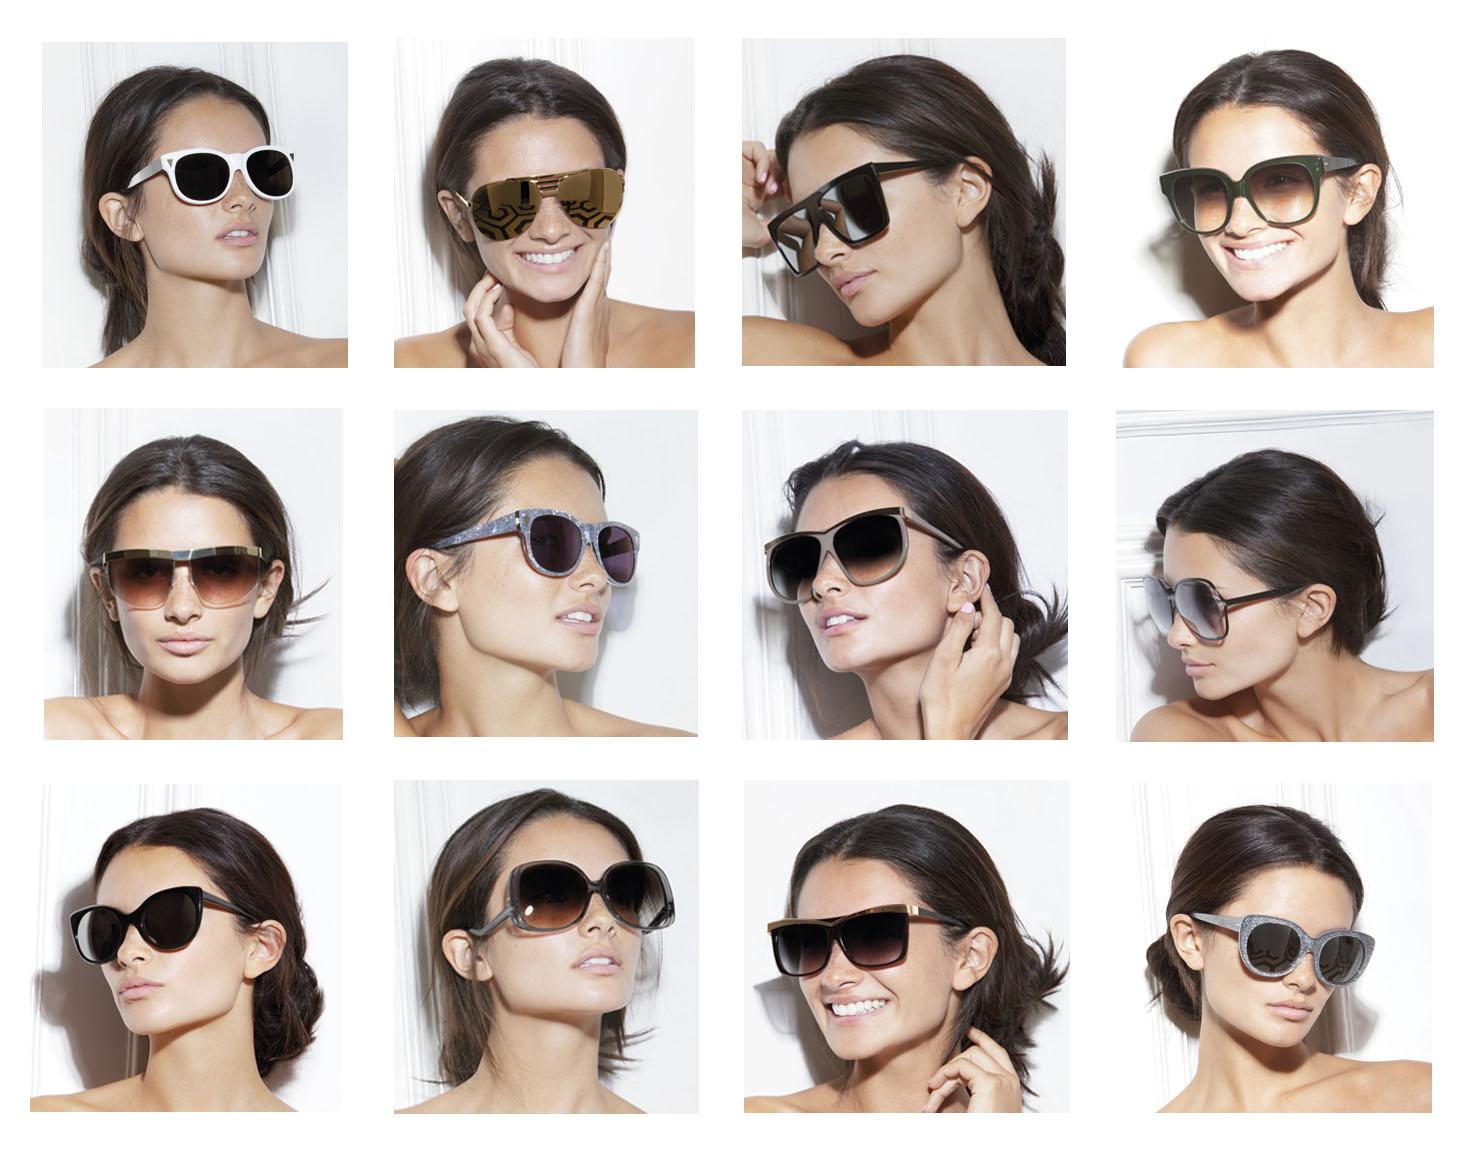 Elige Las Mejores Gafas De Sol De Acuerdo A Tu Rostro Estilo En La Ciudad